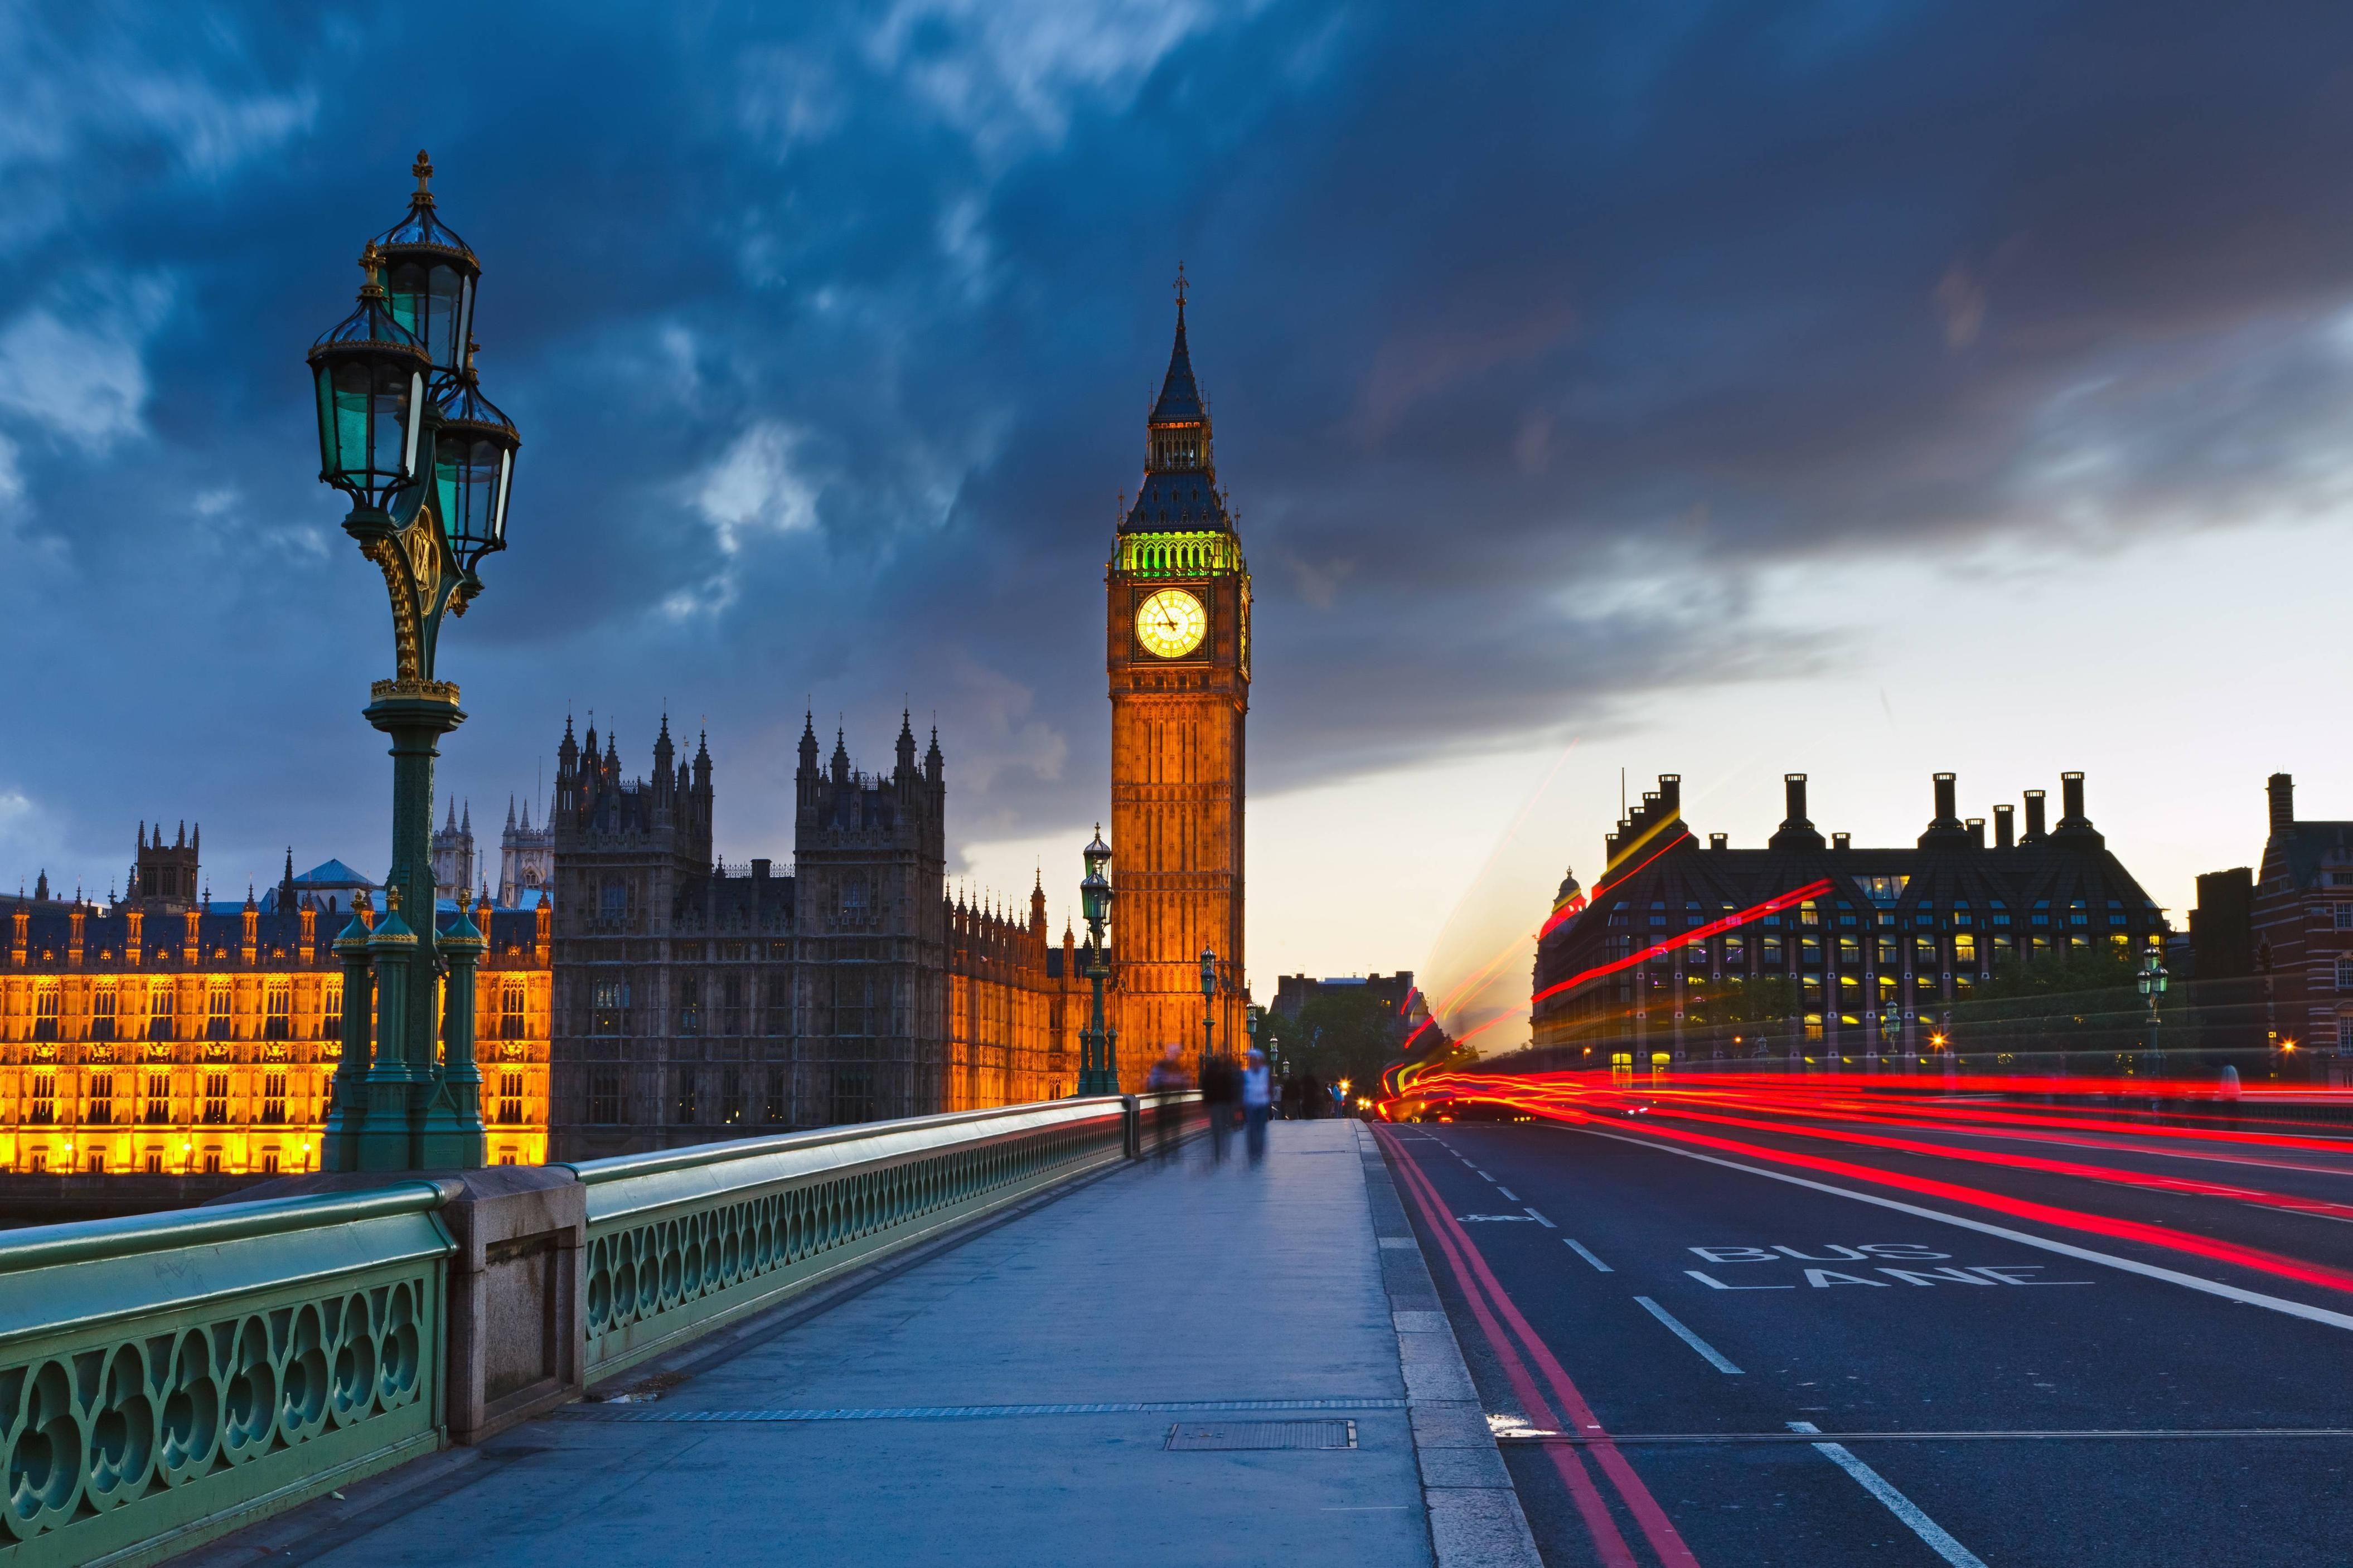 desktop backgrounds a· london wallpaper dŸd¾nˆnƒdo google